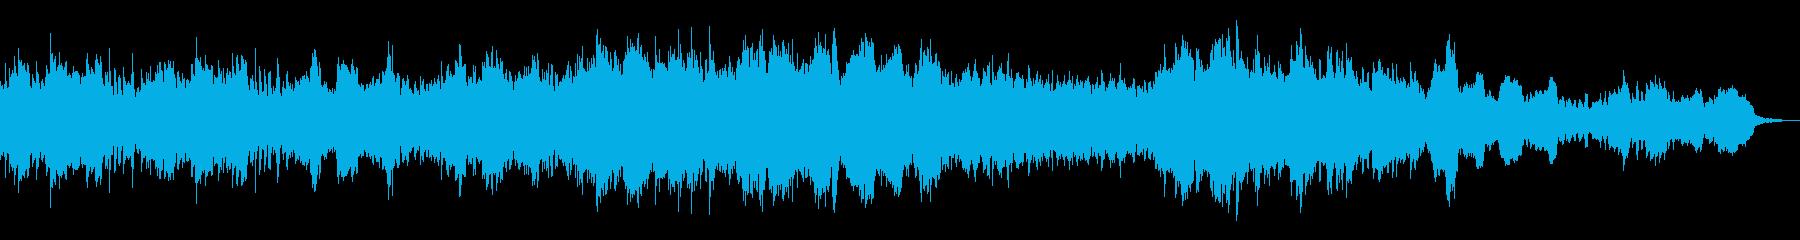 イベントシーン OP シリアス クワイアの再生済みの波形